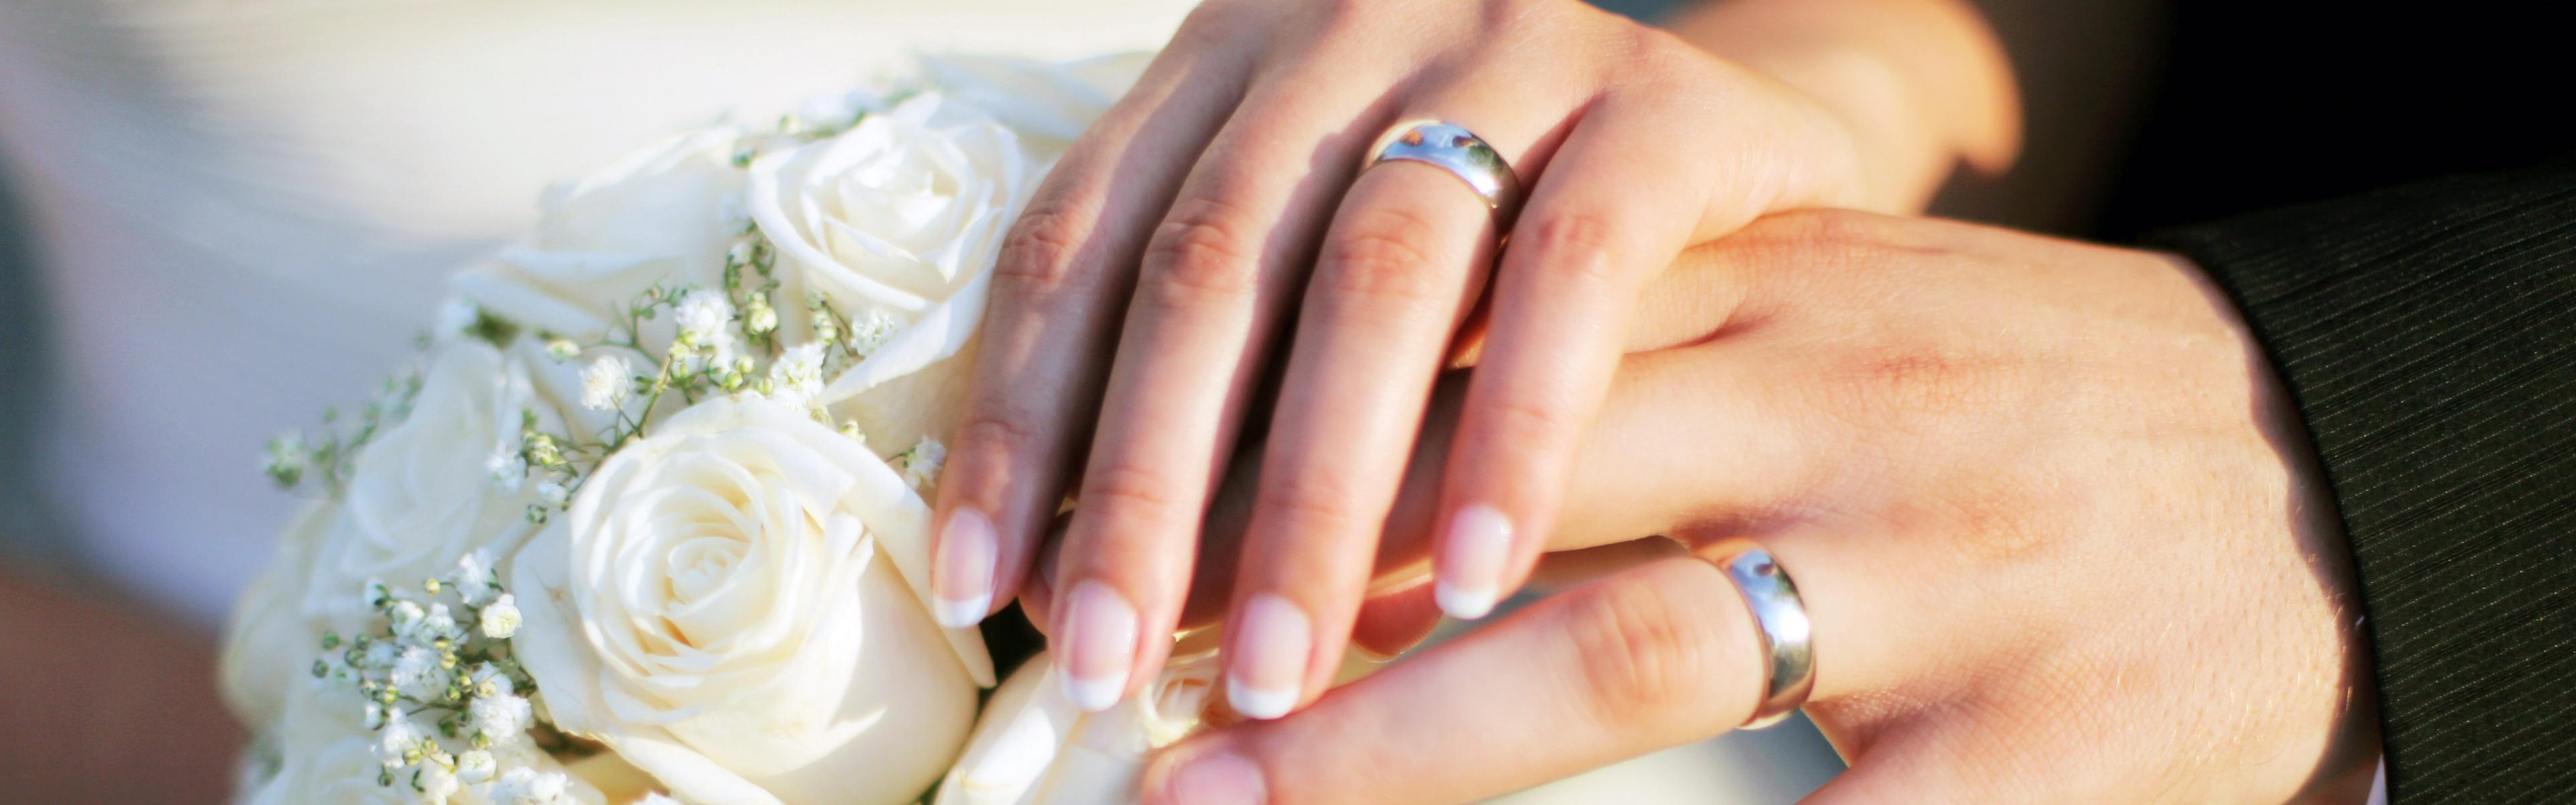 Weddings, Singleness and Joy